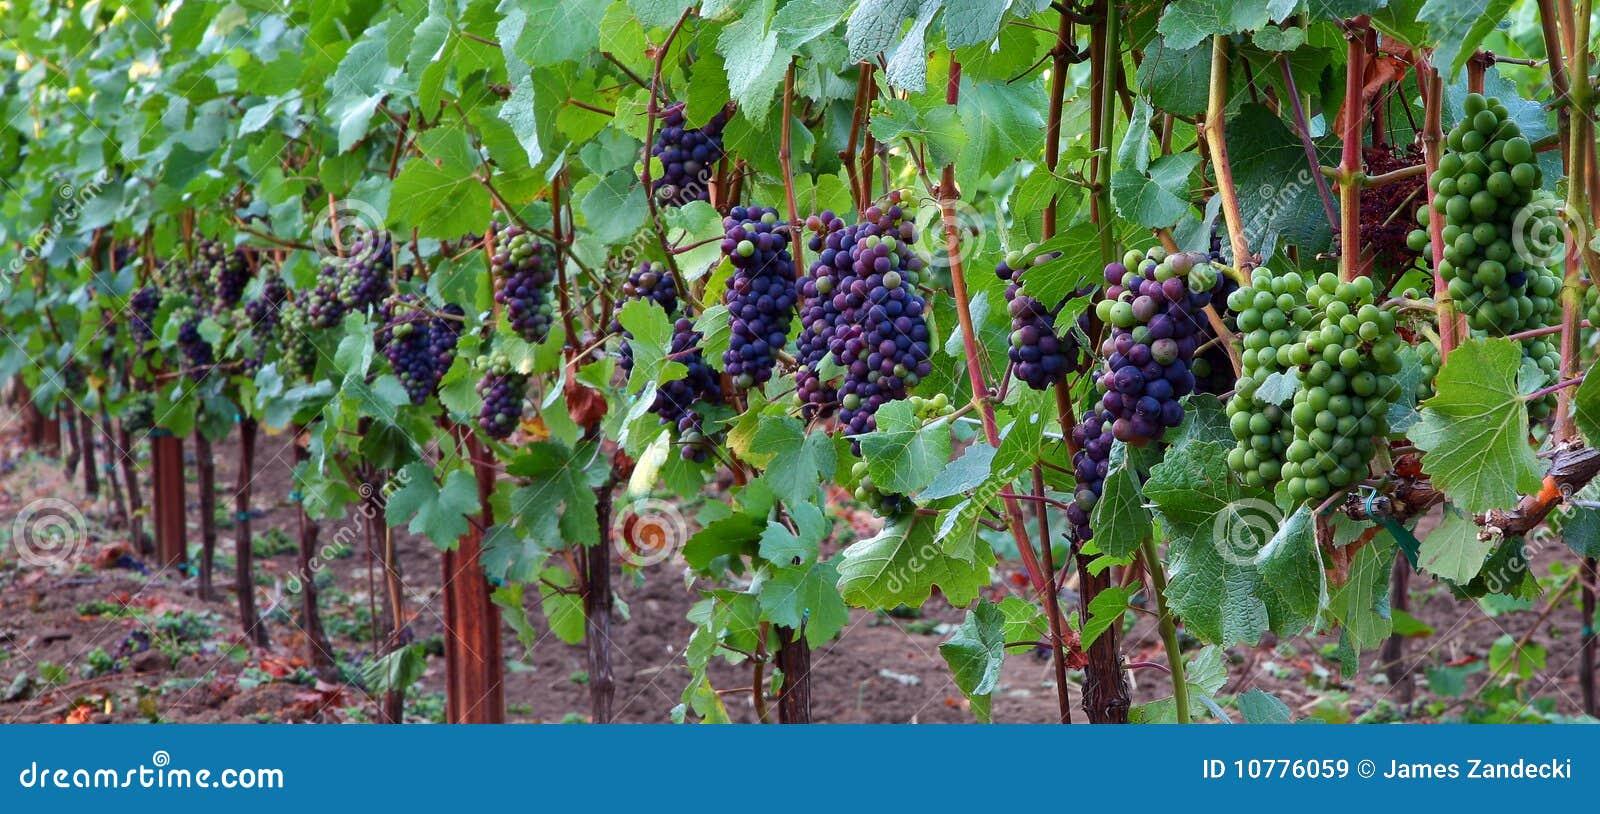 Panoramisch van de Druiven van de Pinot Noir